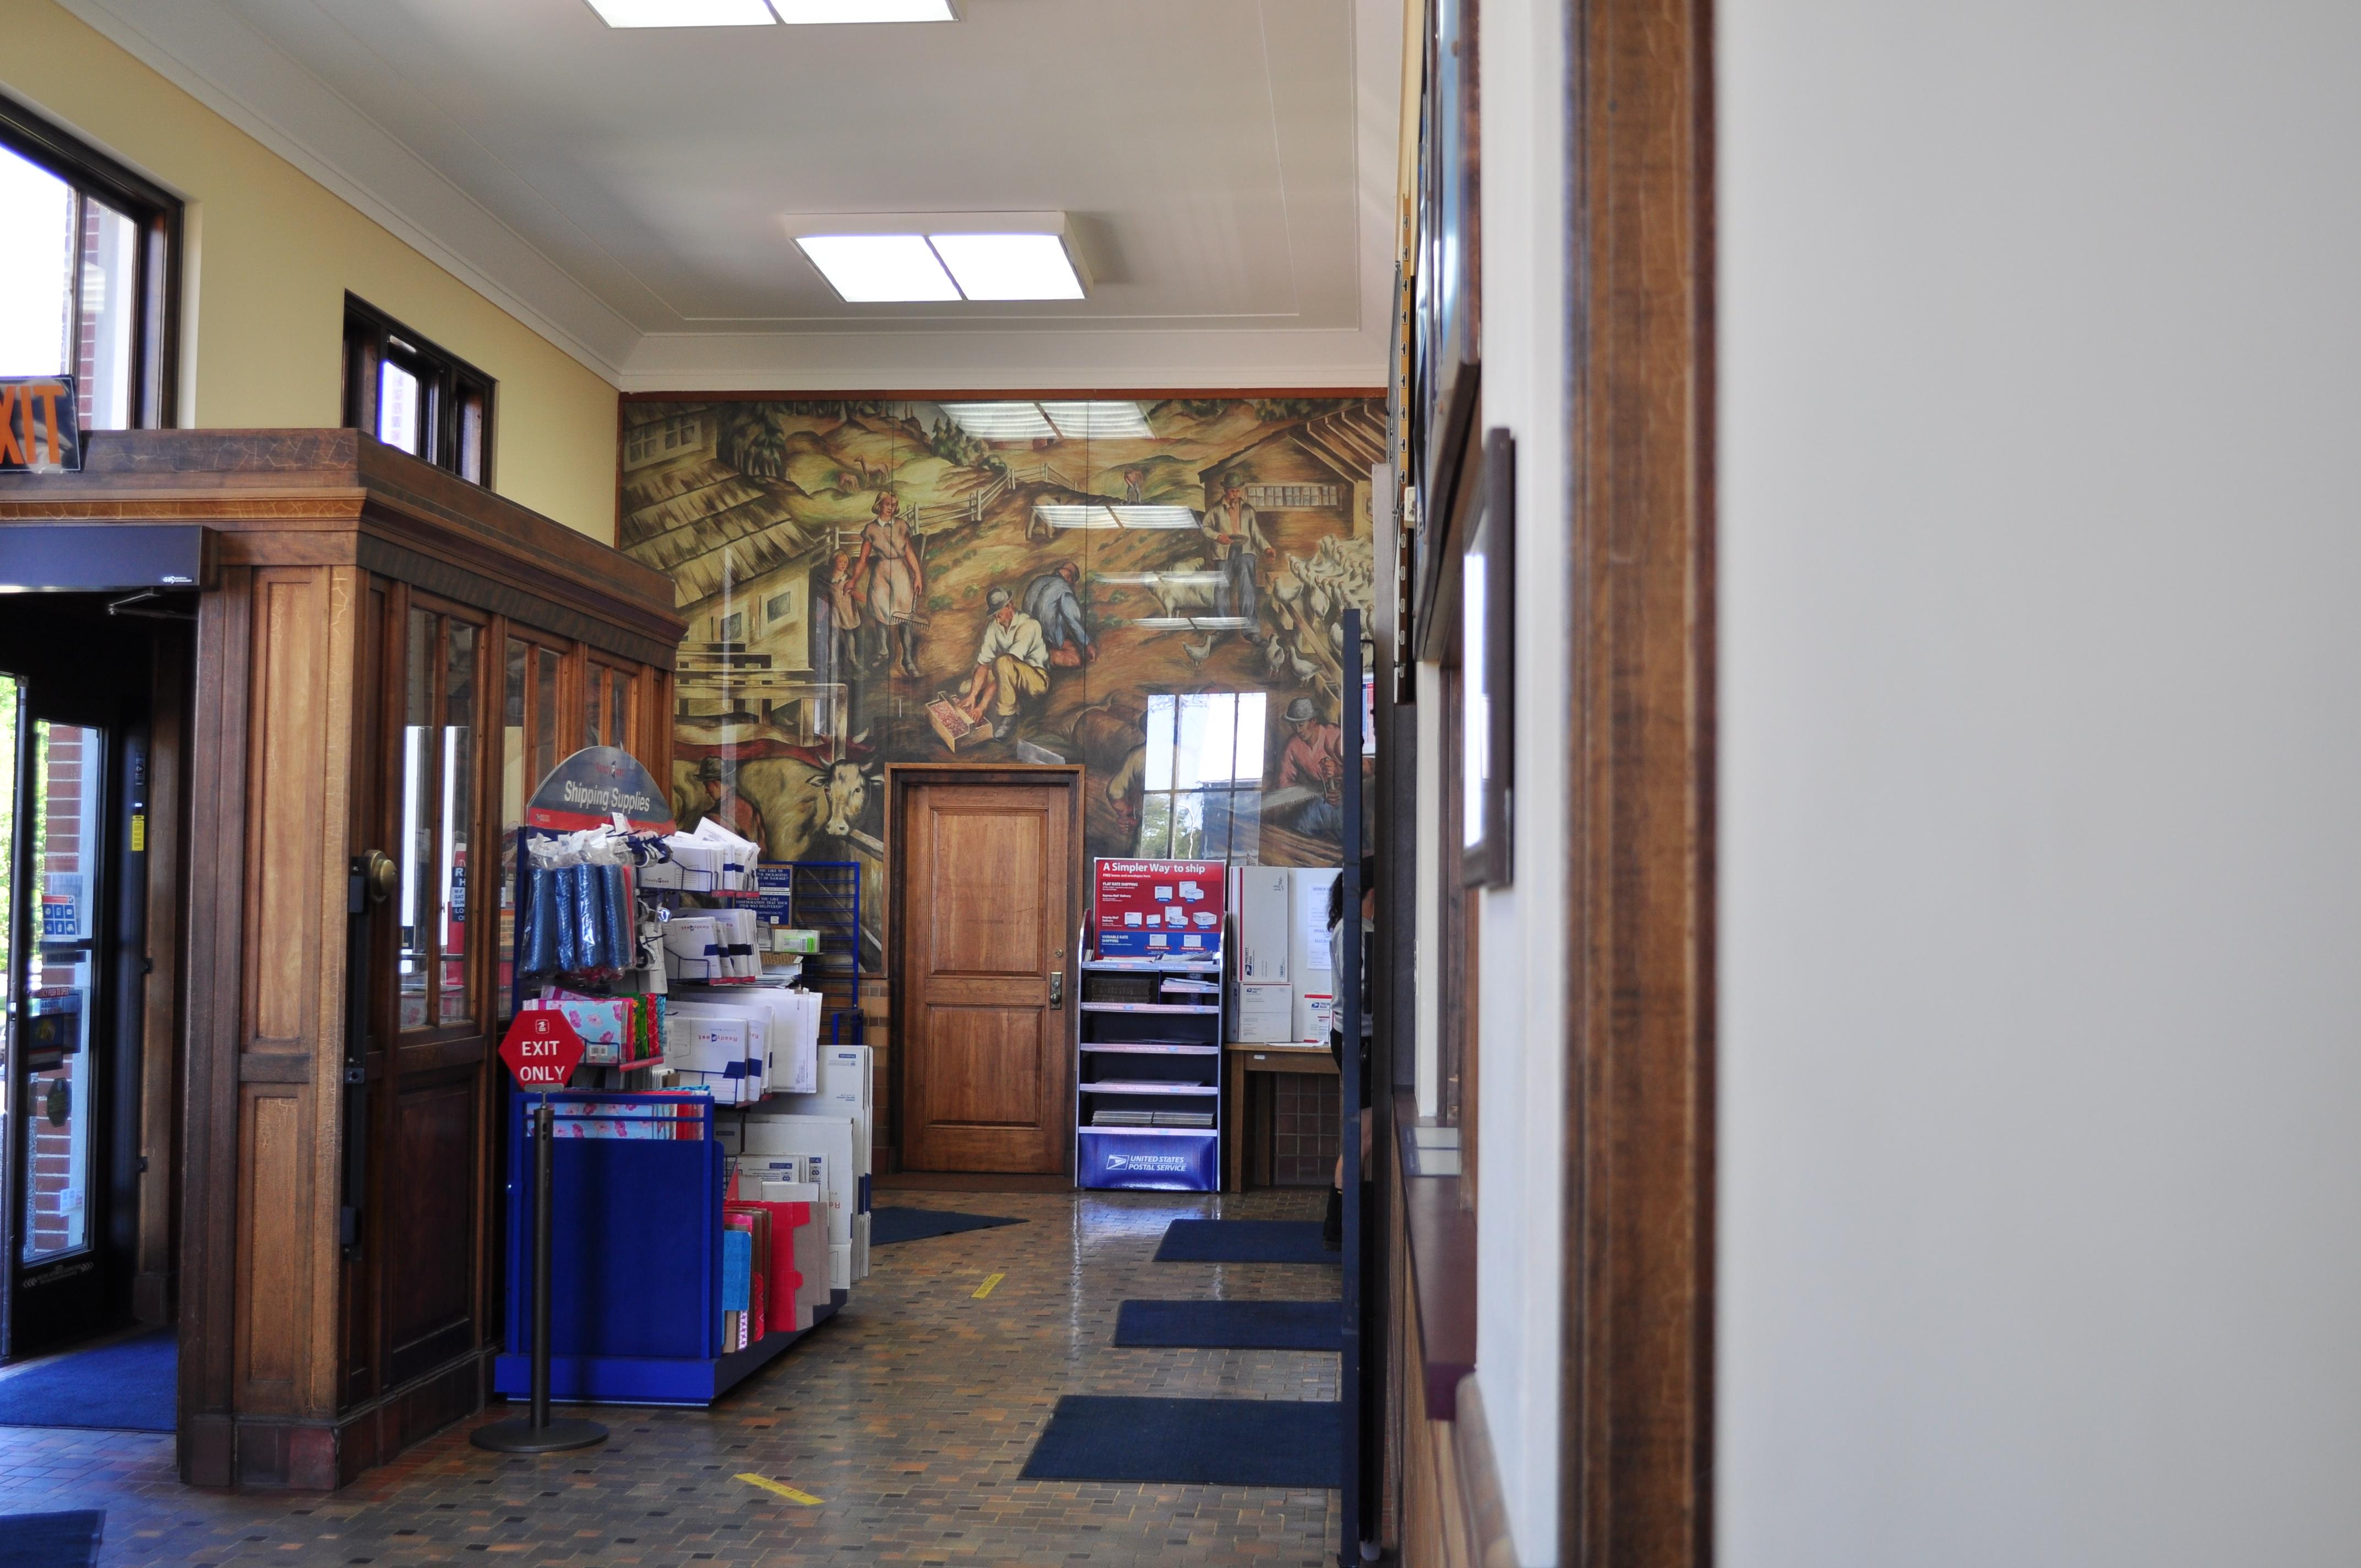 File:Centralia, WA - main post office interior 03.jpg ...